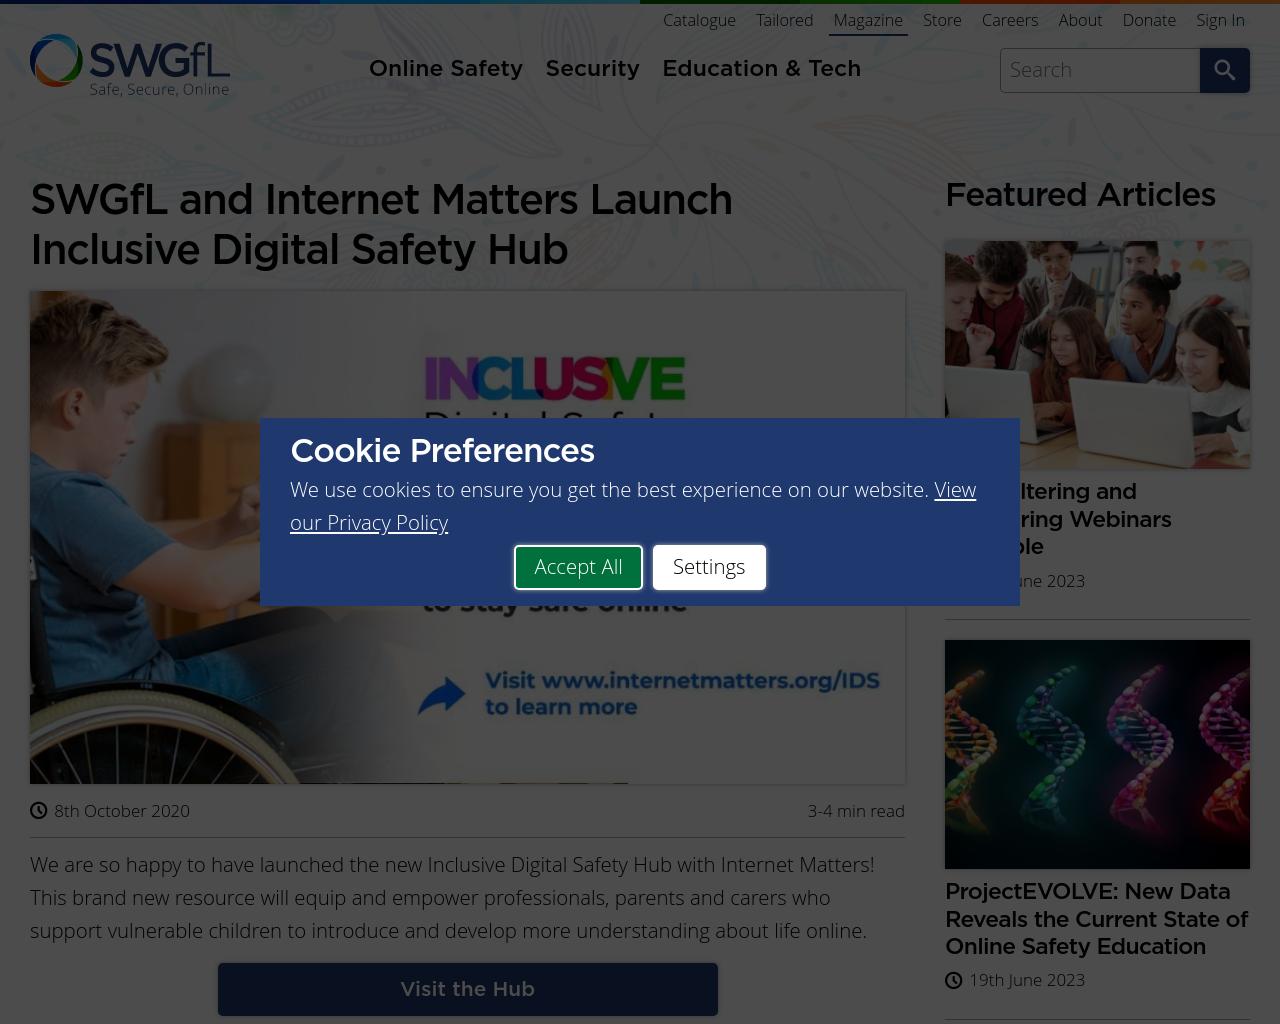 Inclusive Digital Safety Hub